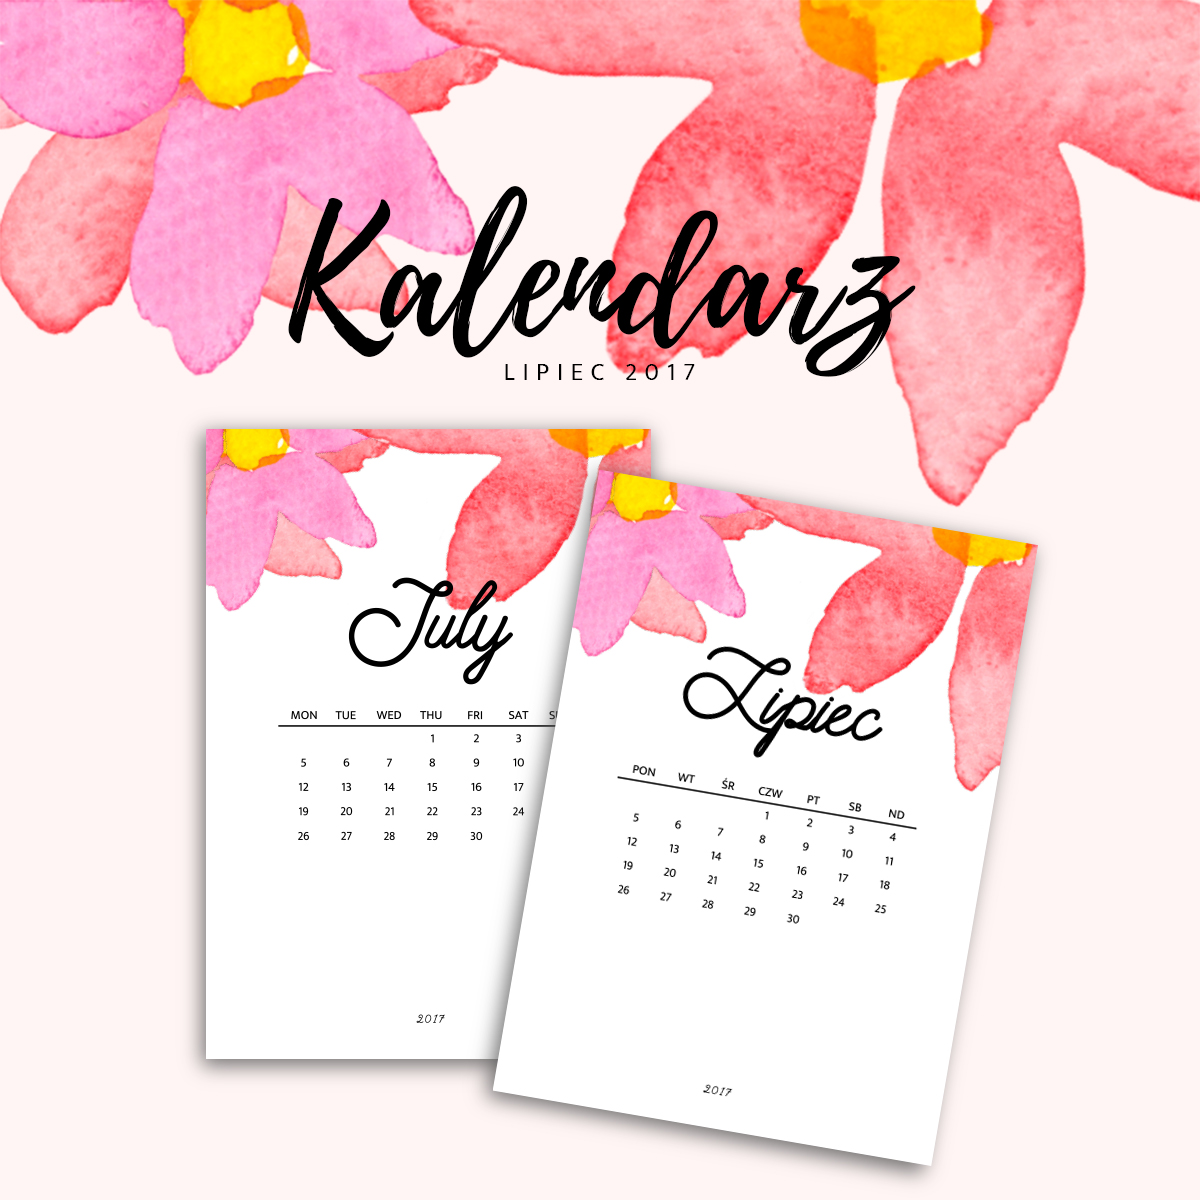 Kalendarz do druku - lipiec 2017 {do pobrania za darmo}